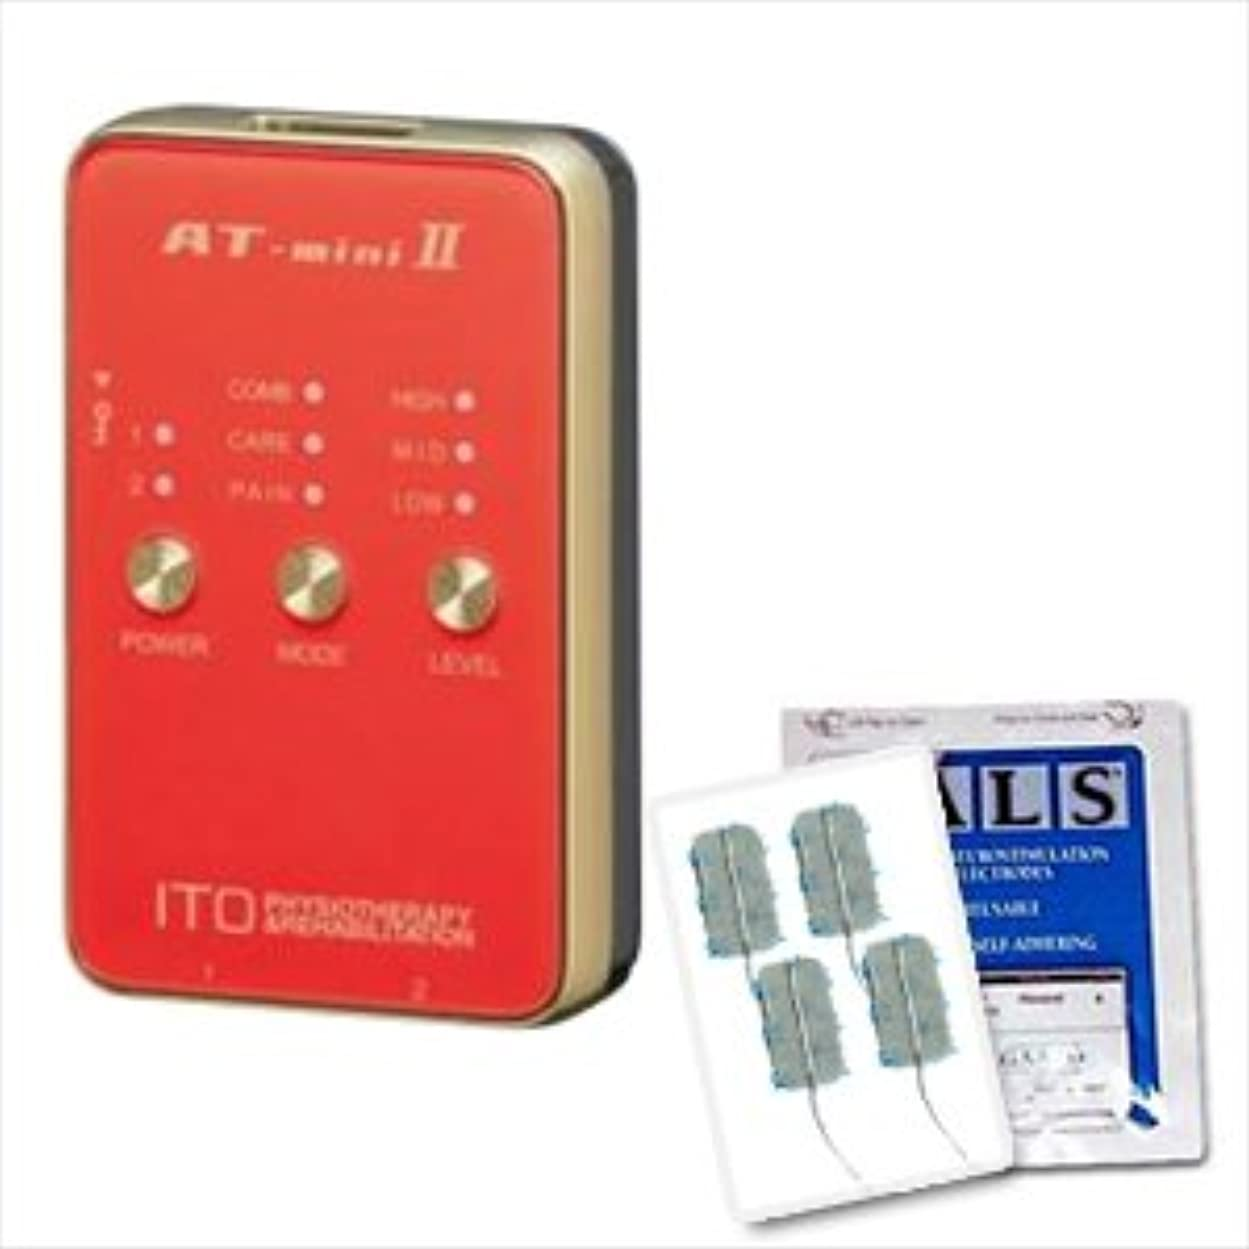 国家どこかオリエンタル低周波治療器 AT-mini II オレンジ +アクセルガードLサイズ(5x9cm:1袋4枚入)セット